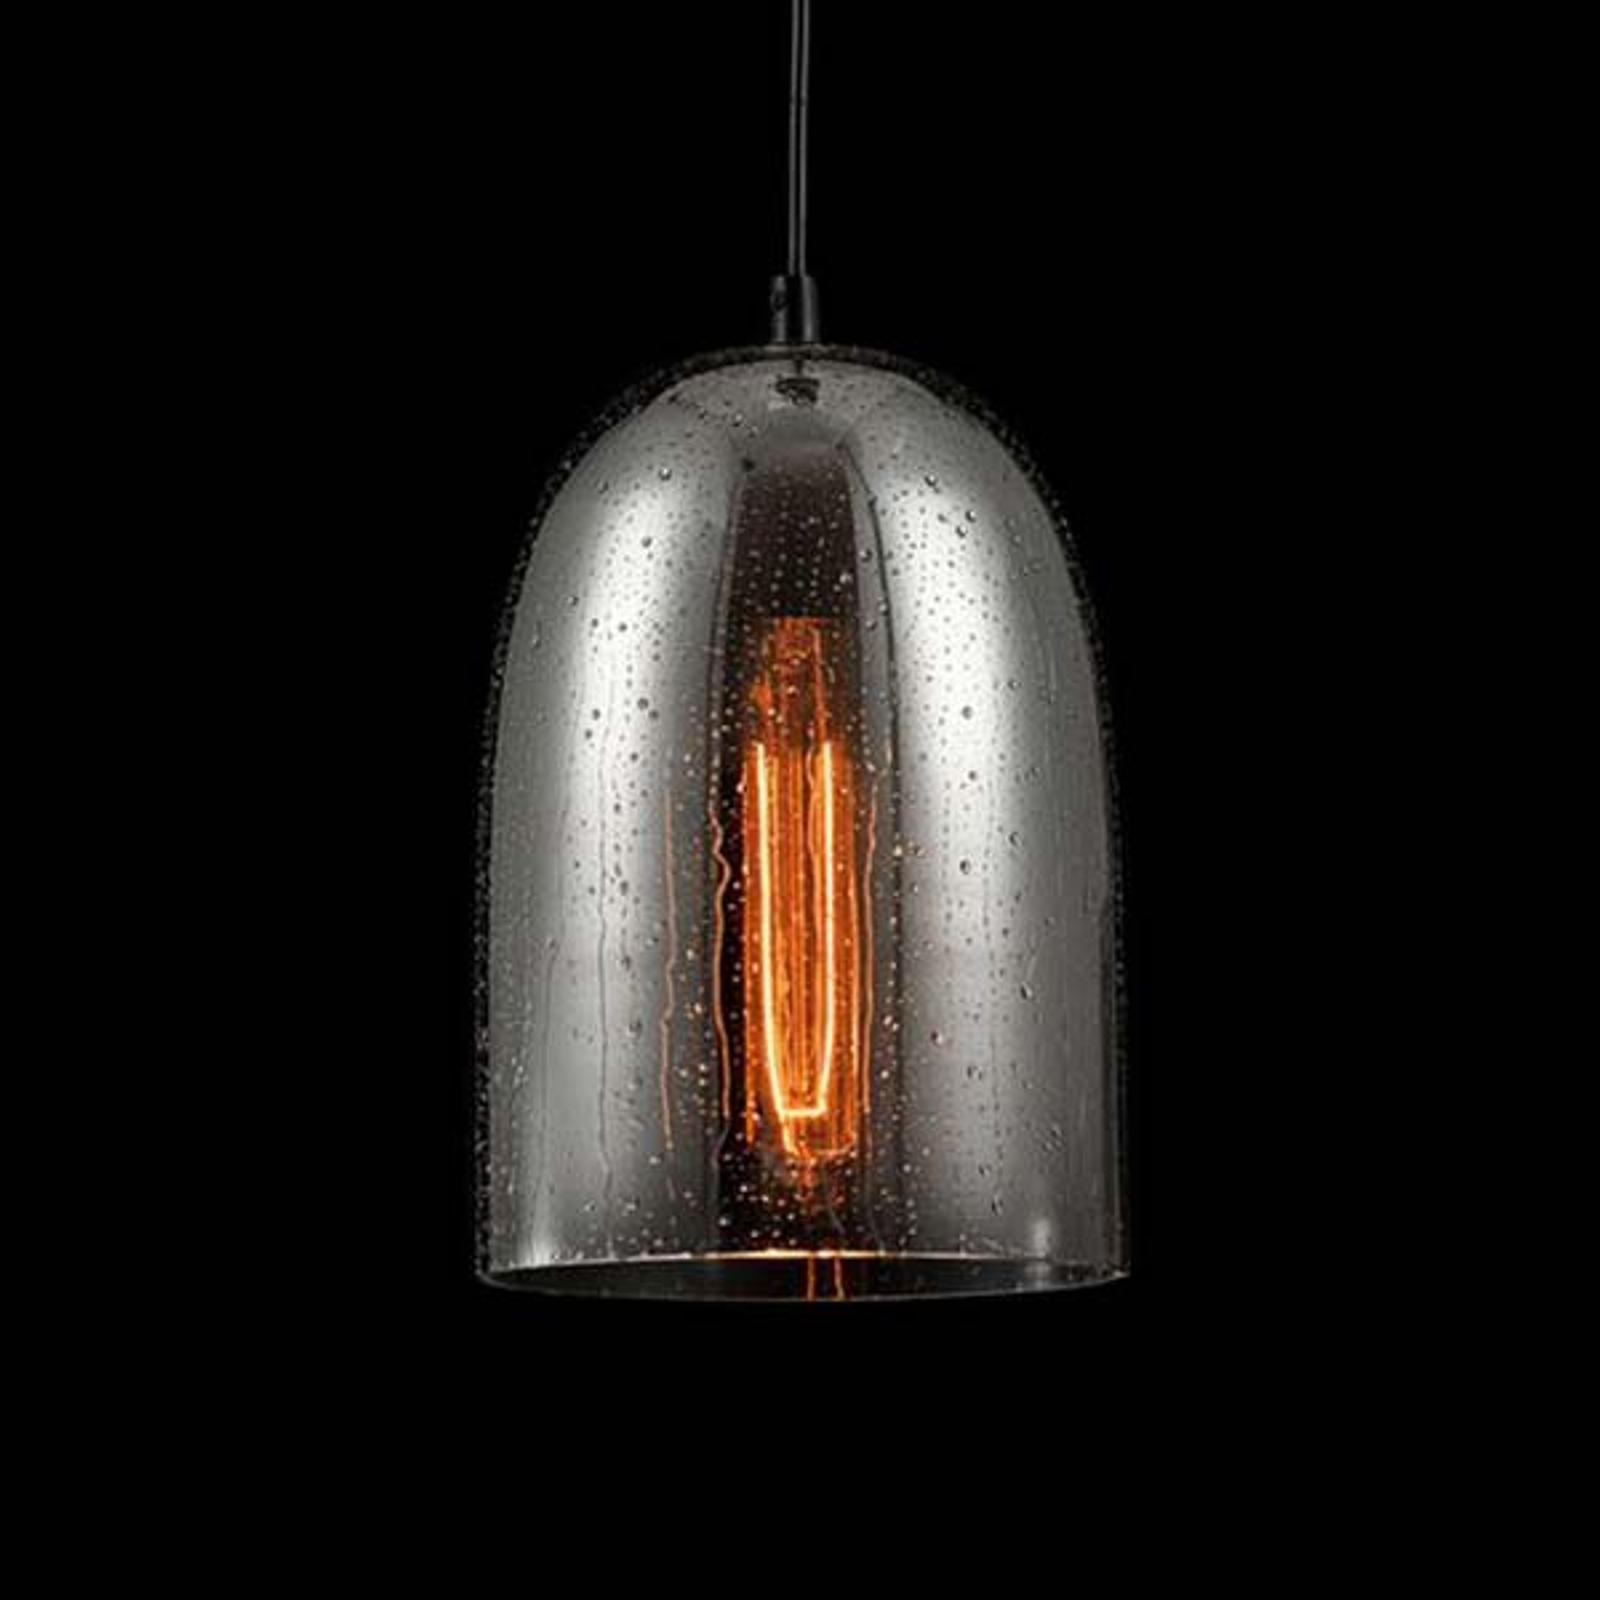 Glas-hanglamp bergen met regeneffect Ø 17,5cm